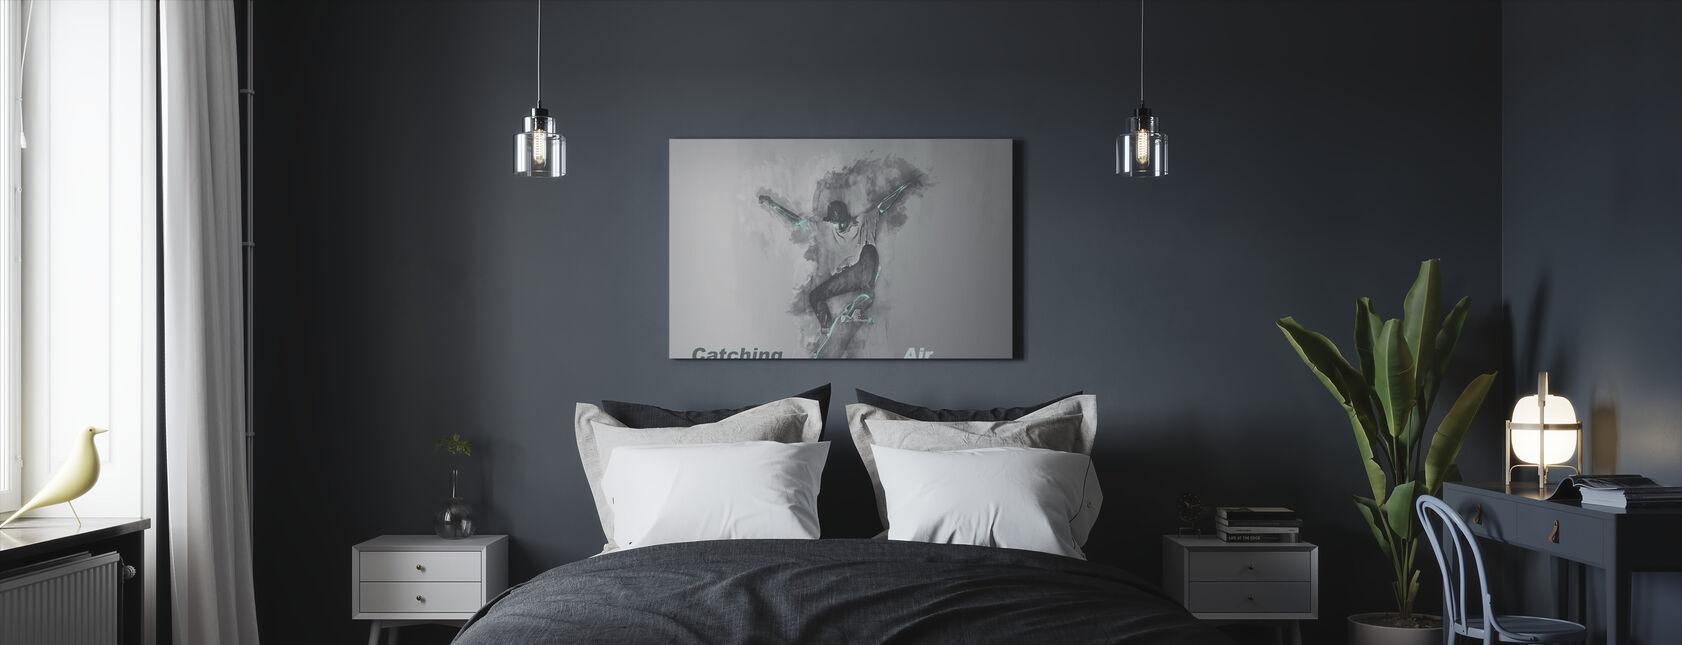 Attraper l'air - Impression sur toile - Chambre